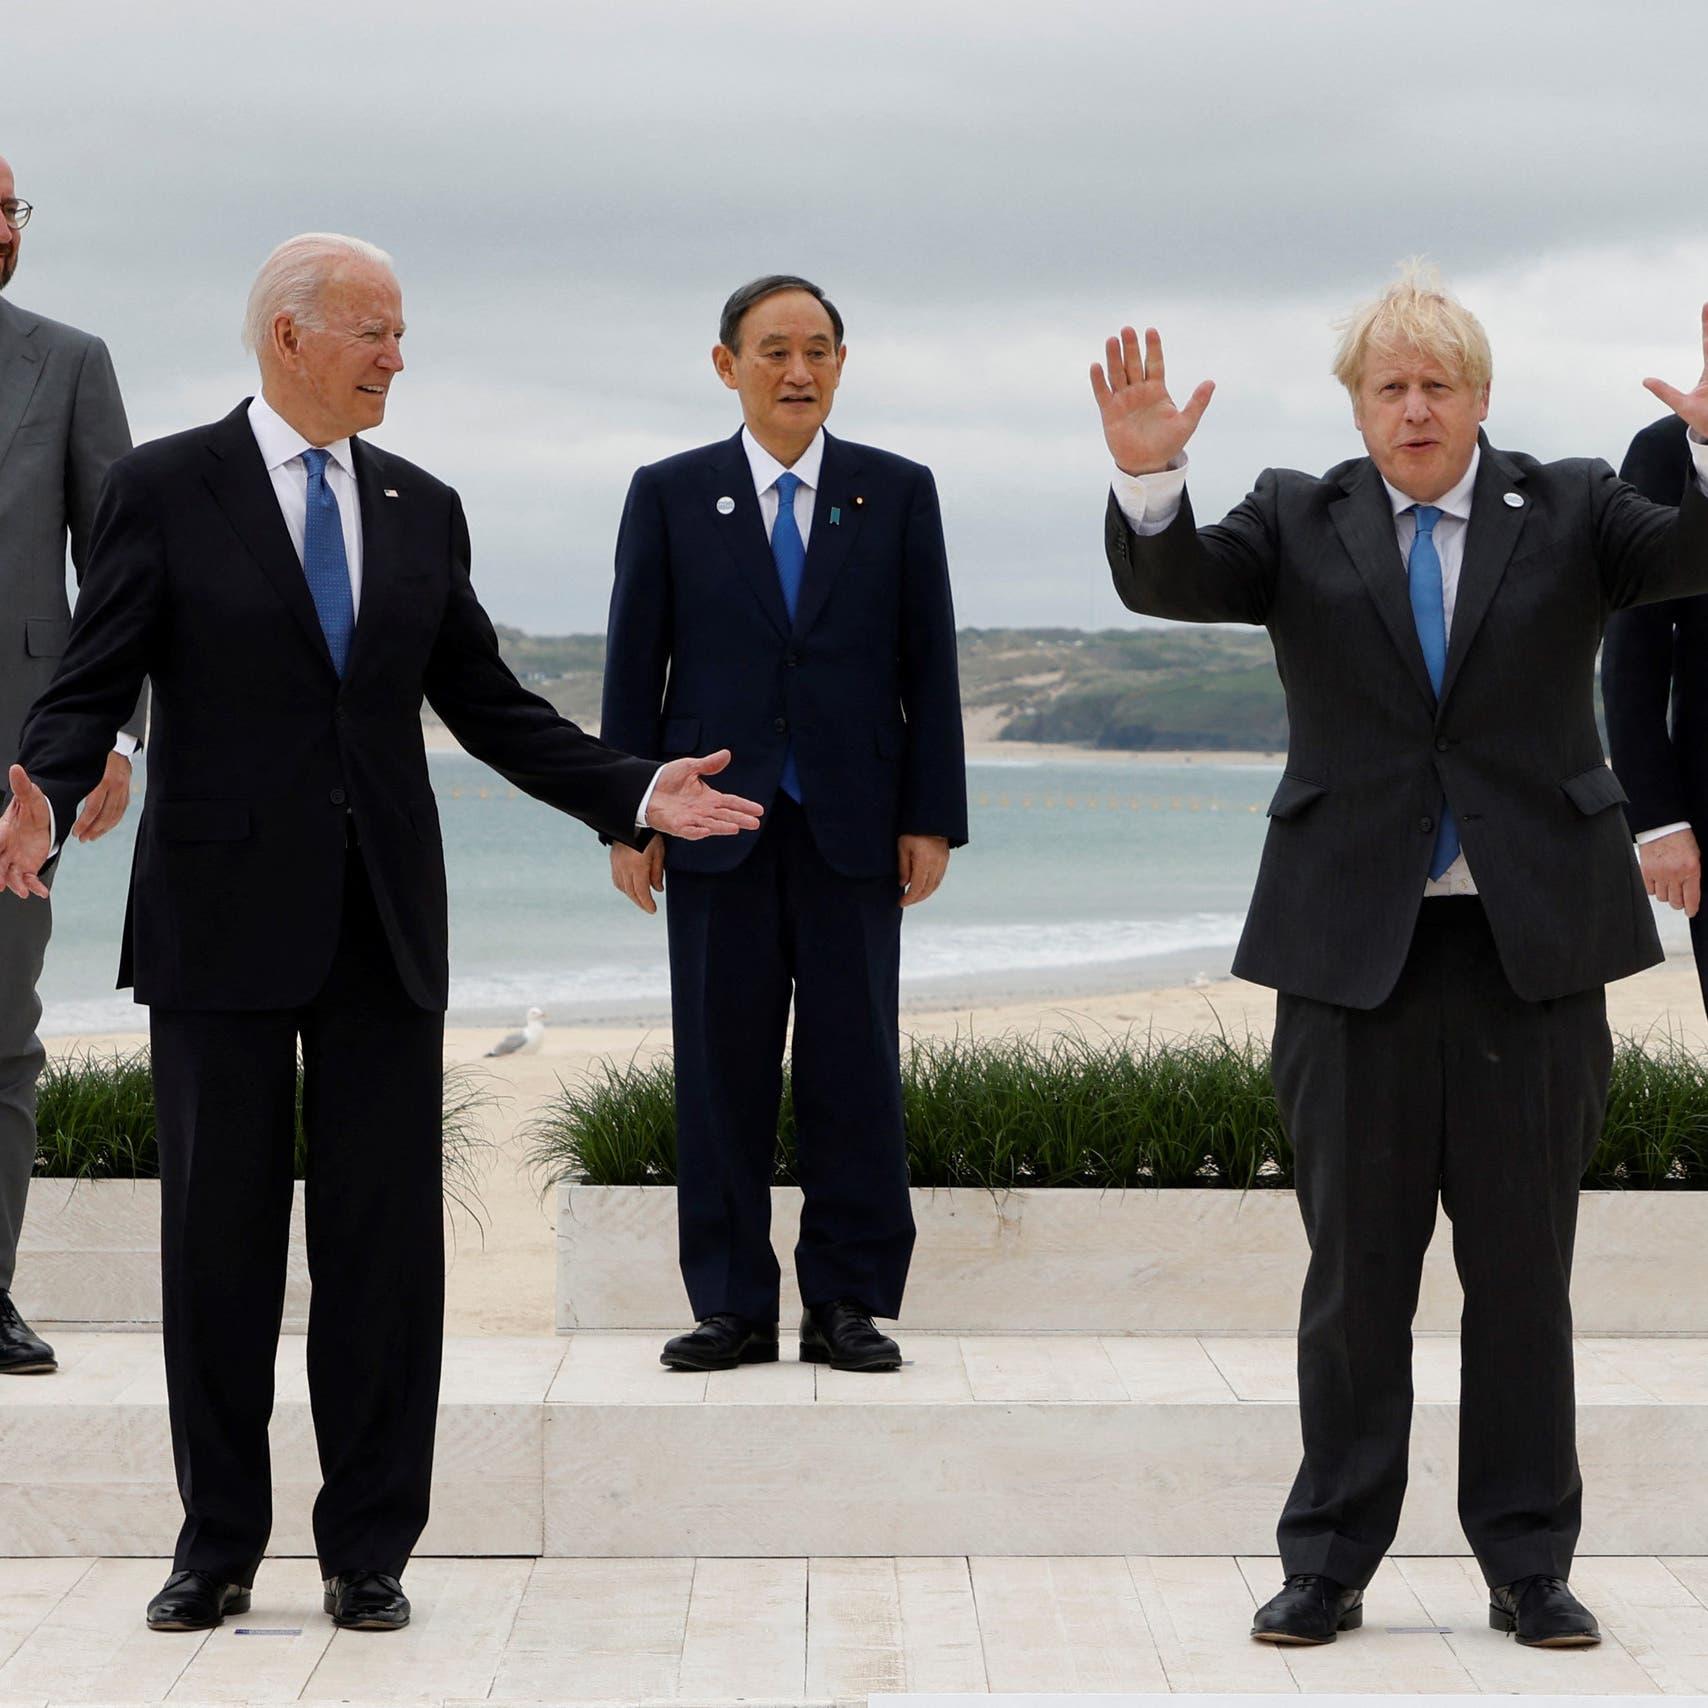 زعماء الناتو يوجهون وداعاً رمزياً لأفغانستان في قمتهم